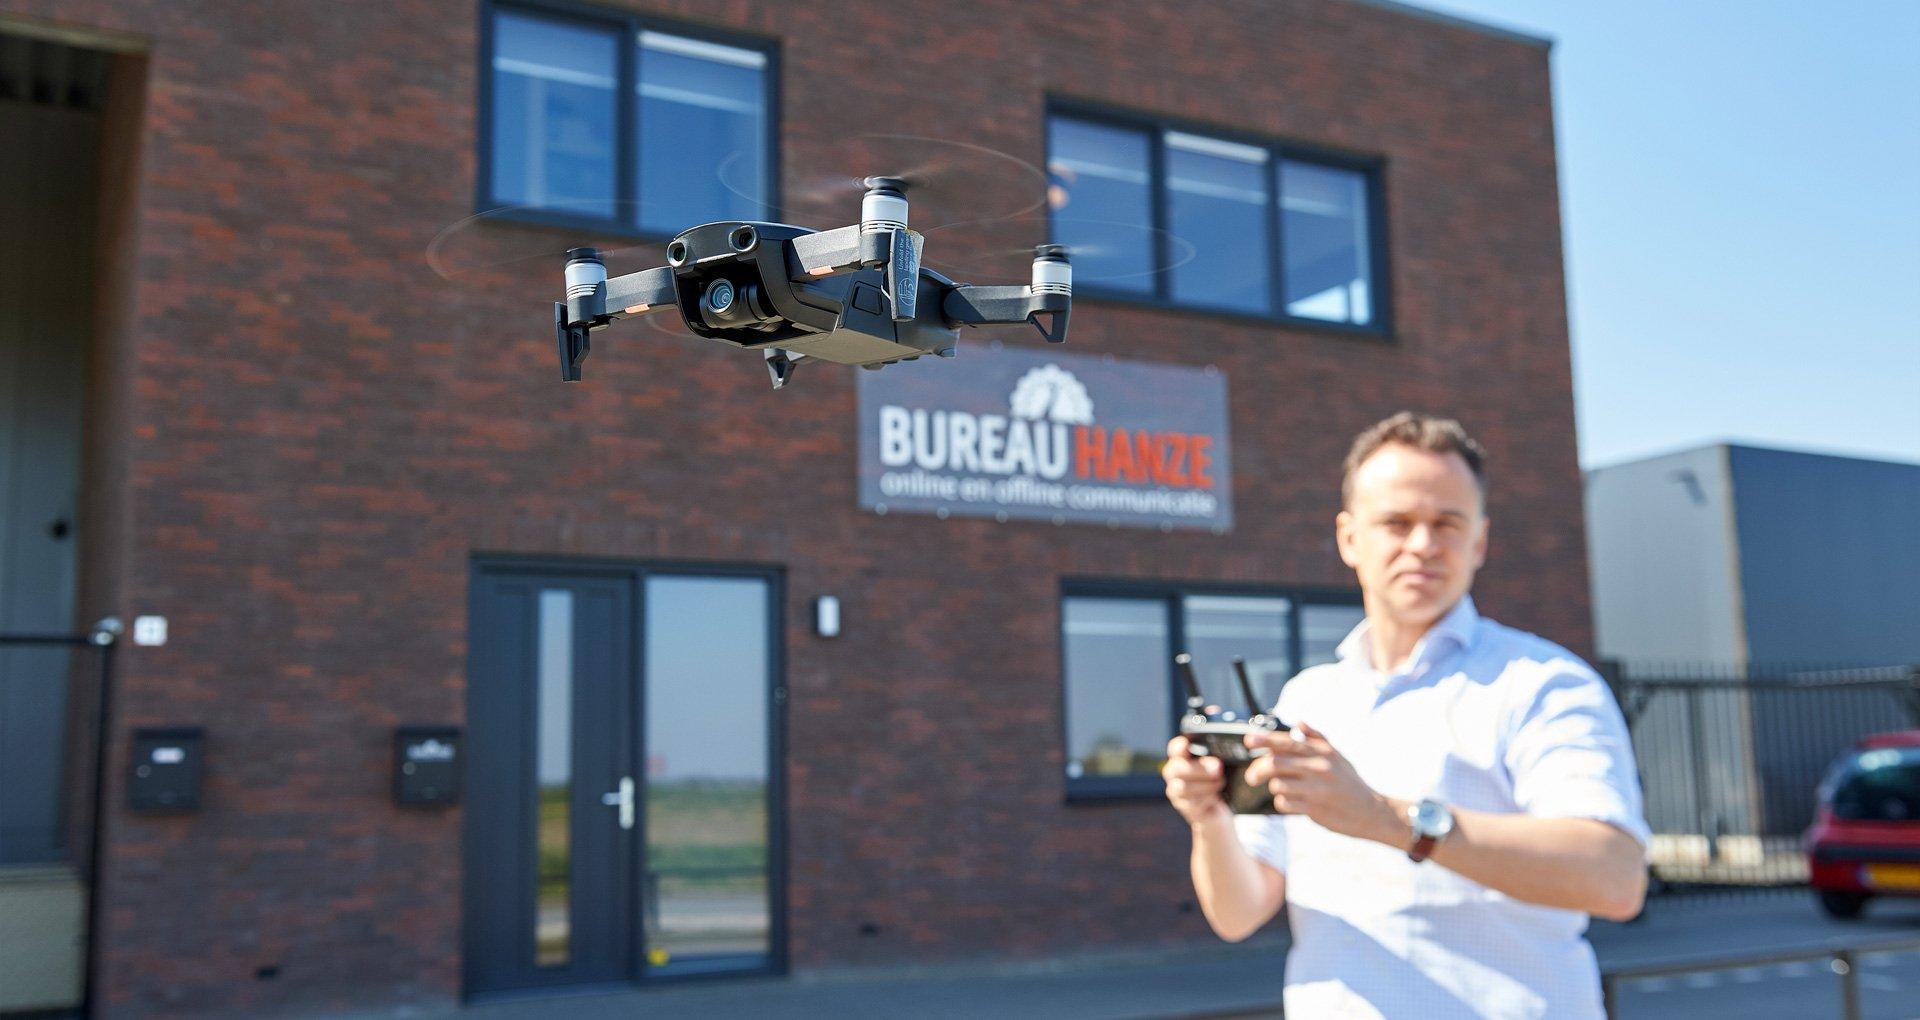 drone-beelden-laten-maken